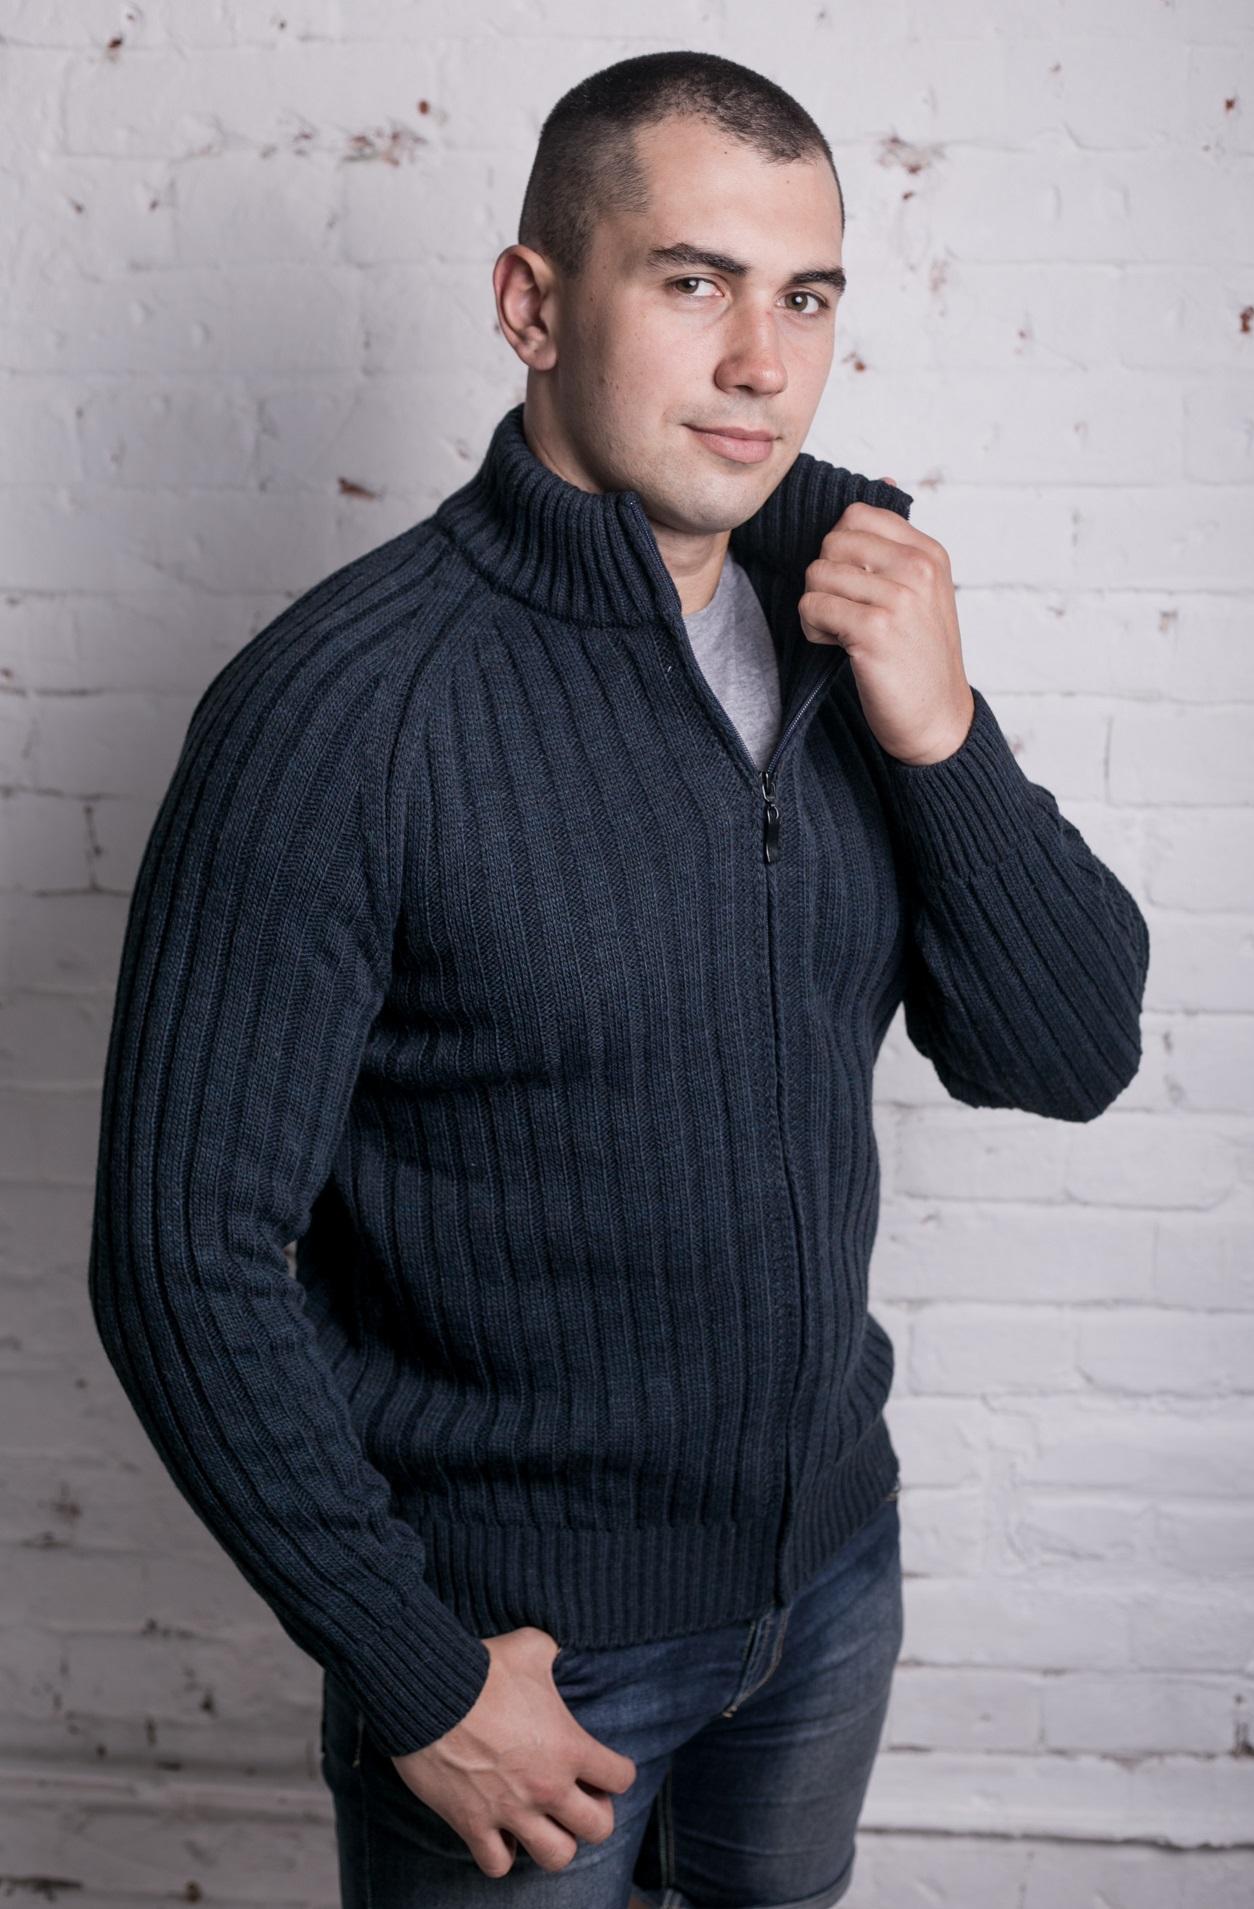 Сбор заказов. Всем известный Восток НН. Мужские махровые халаты, наборы для сауны - 100% хлопок. Джемпера, свитера, водолазки. Быстрые раздачи.